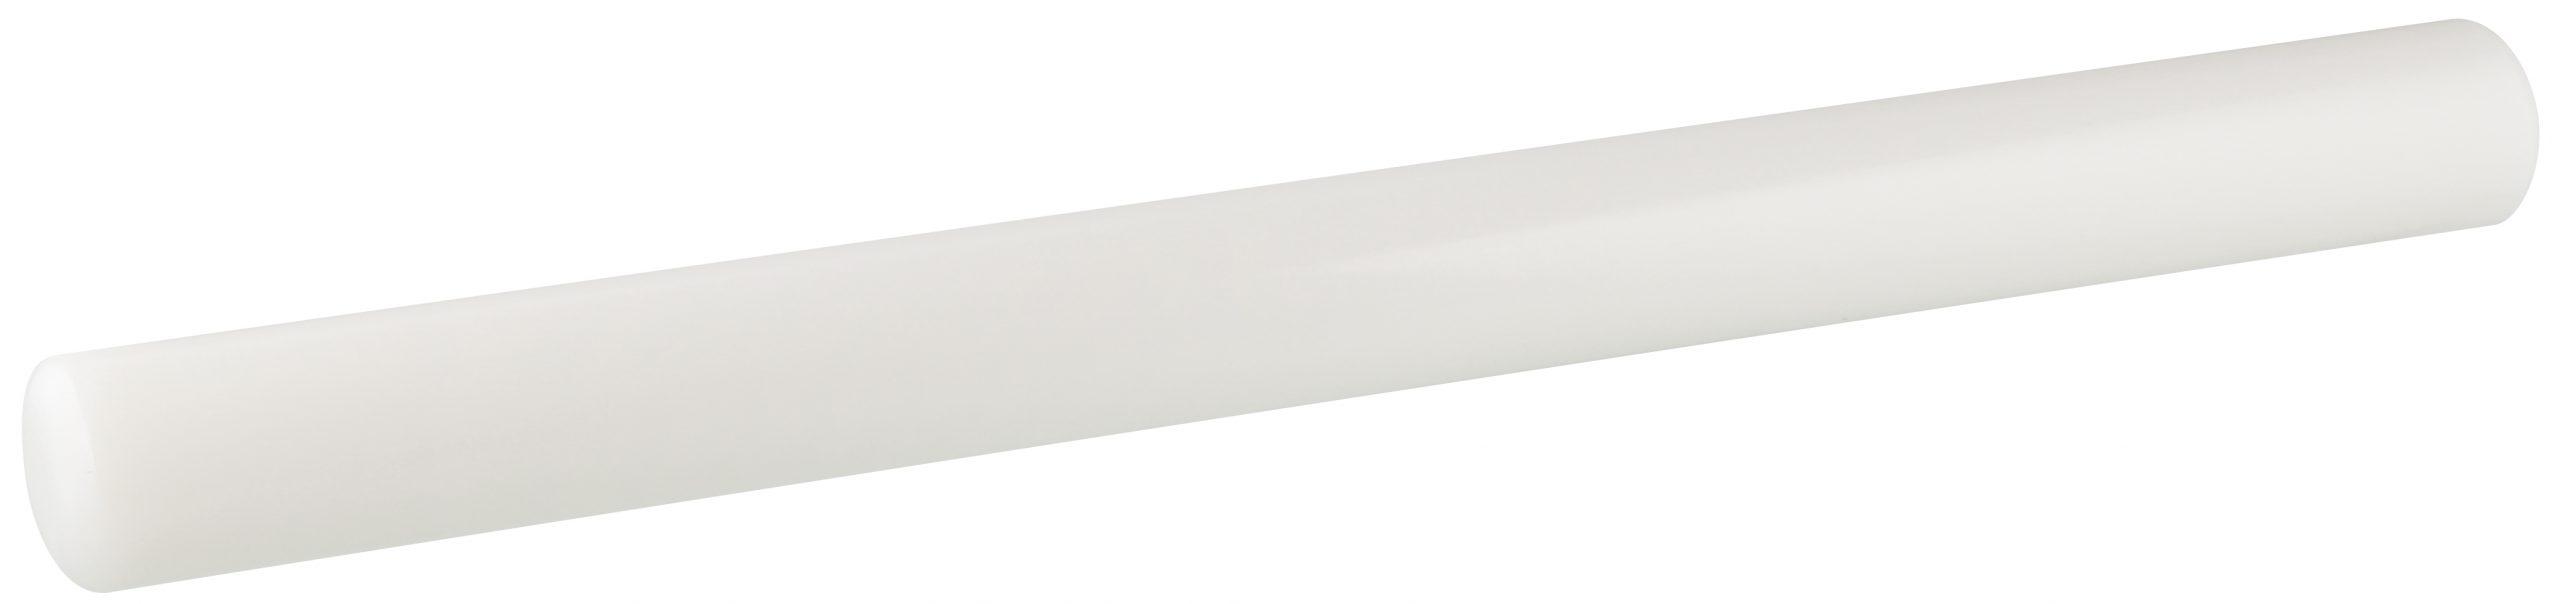 Rollstab 50x4cm HDPE weiß